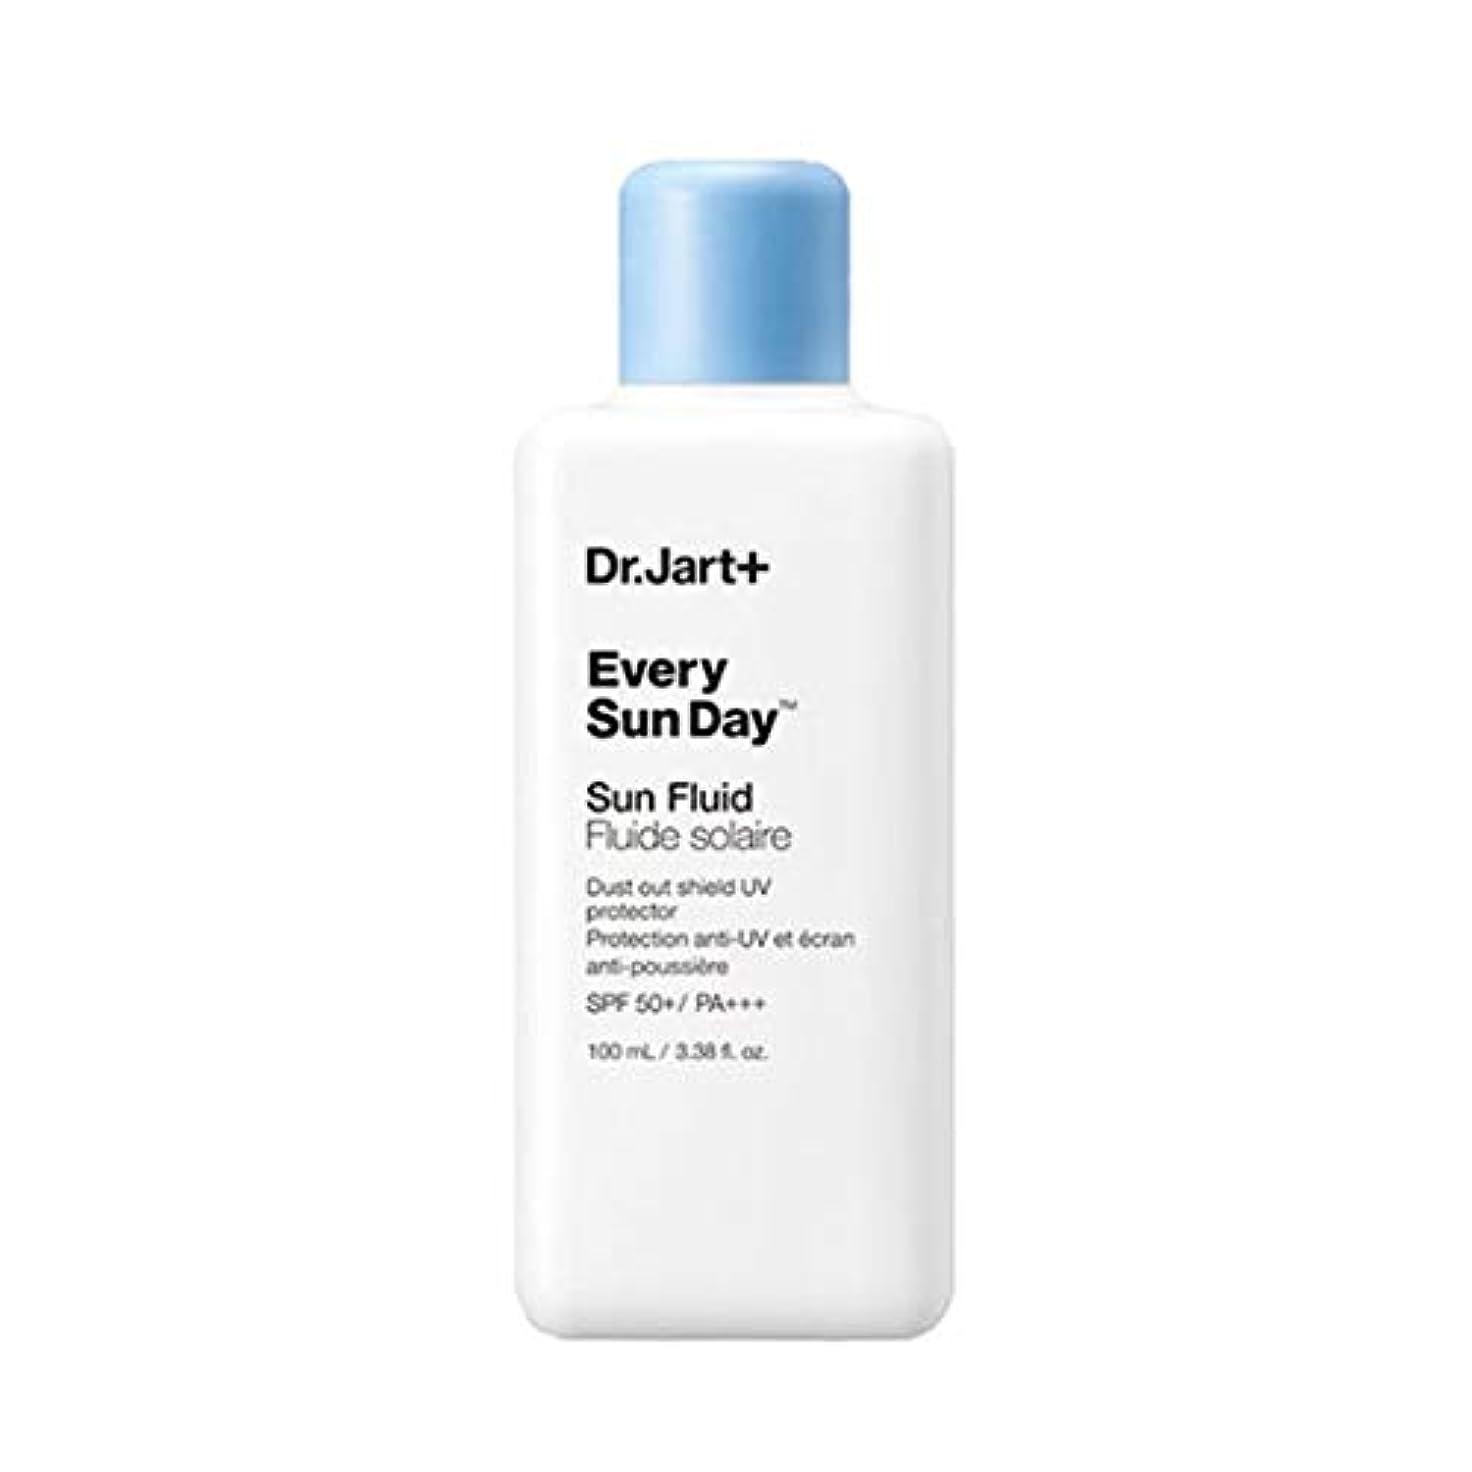 犠牲専門ページドクタージャルトゥエヴリサンデーソンプルルイドゥSPF50+PA+++100mlソンクリム、Dr.Jart Every Sun Day Sun Fluid SPF50+ PA+++ 100ml Sun Cream [並行輸入品]